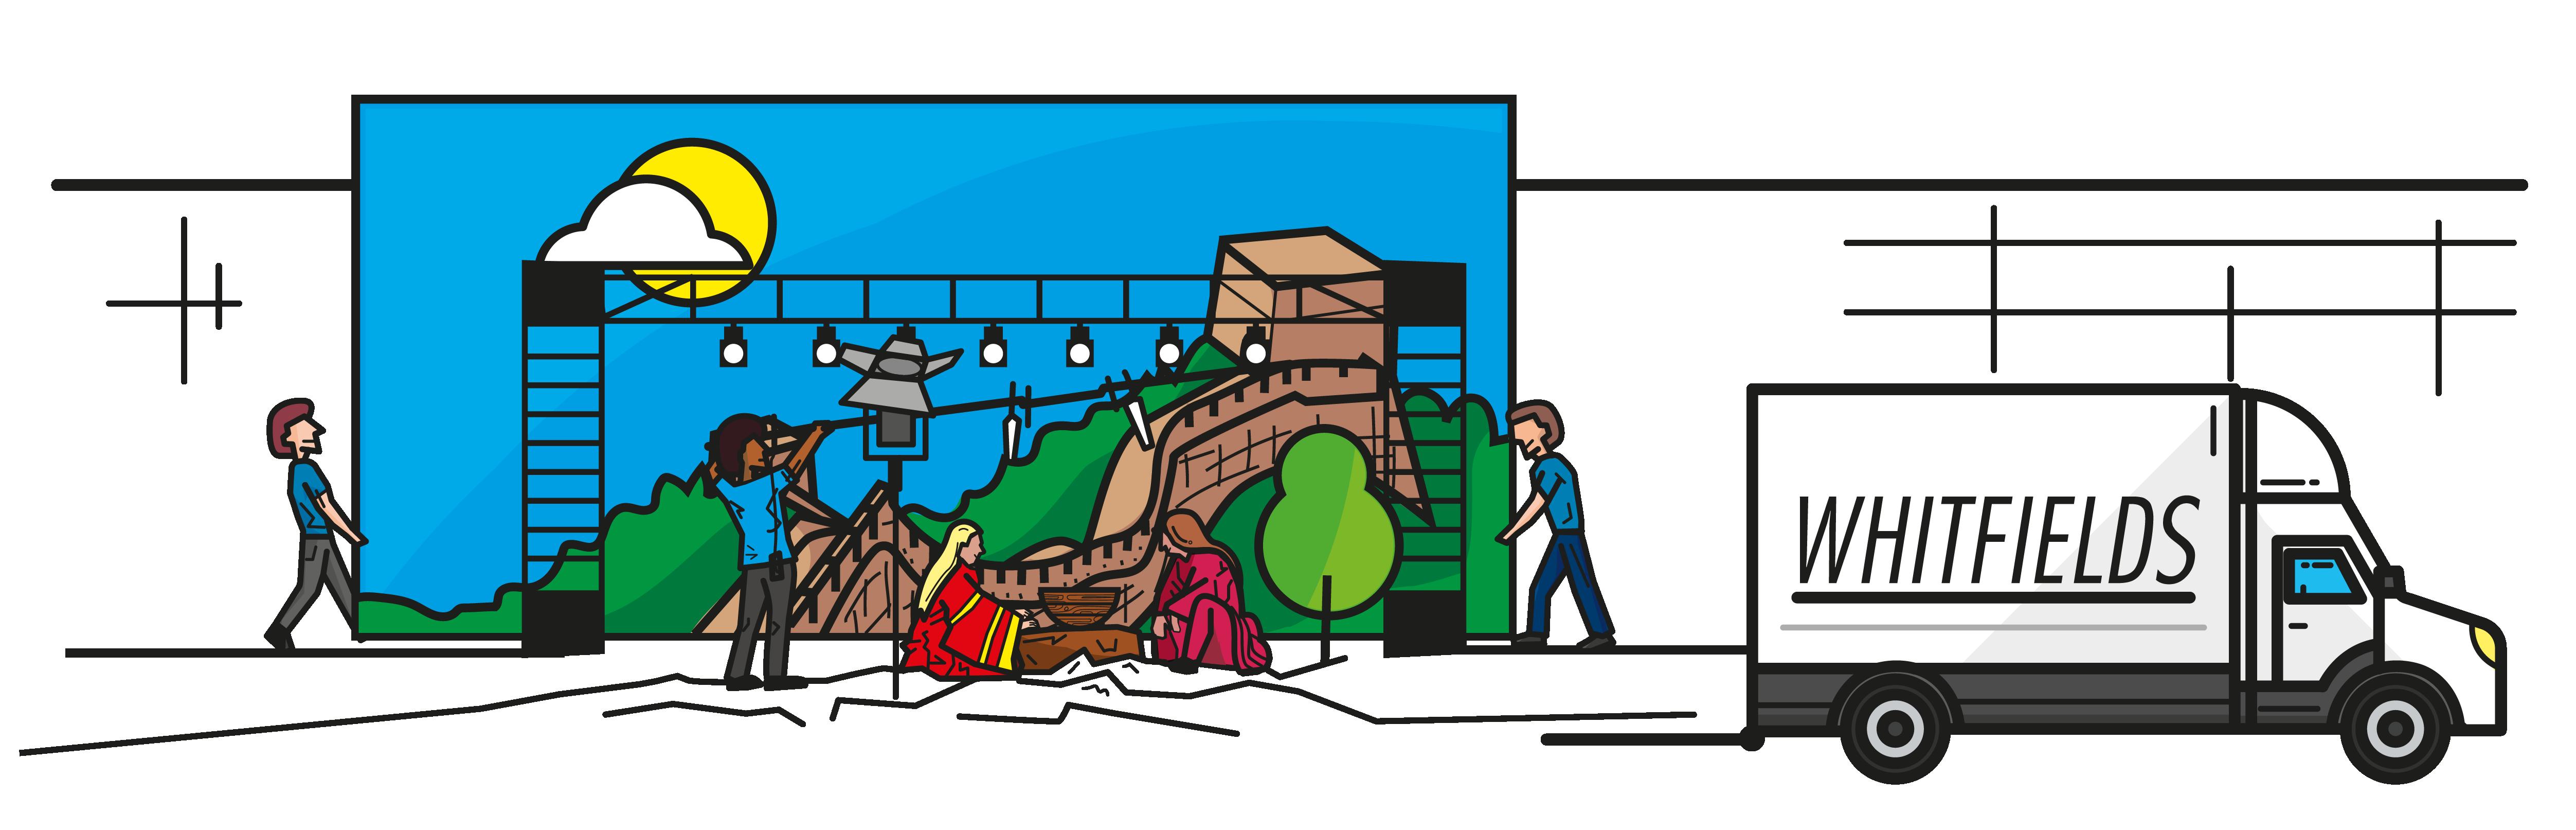 Header image showing tv set